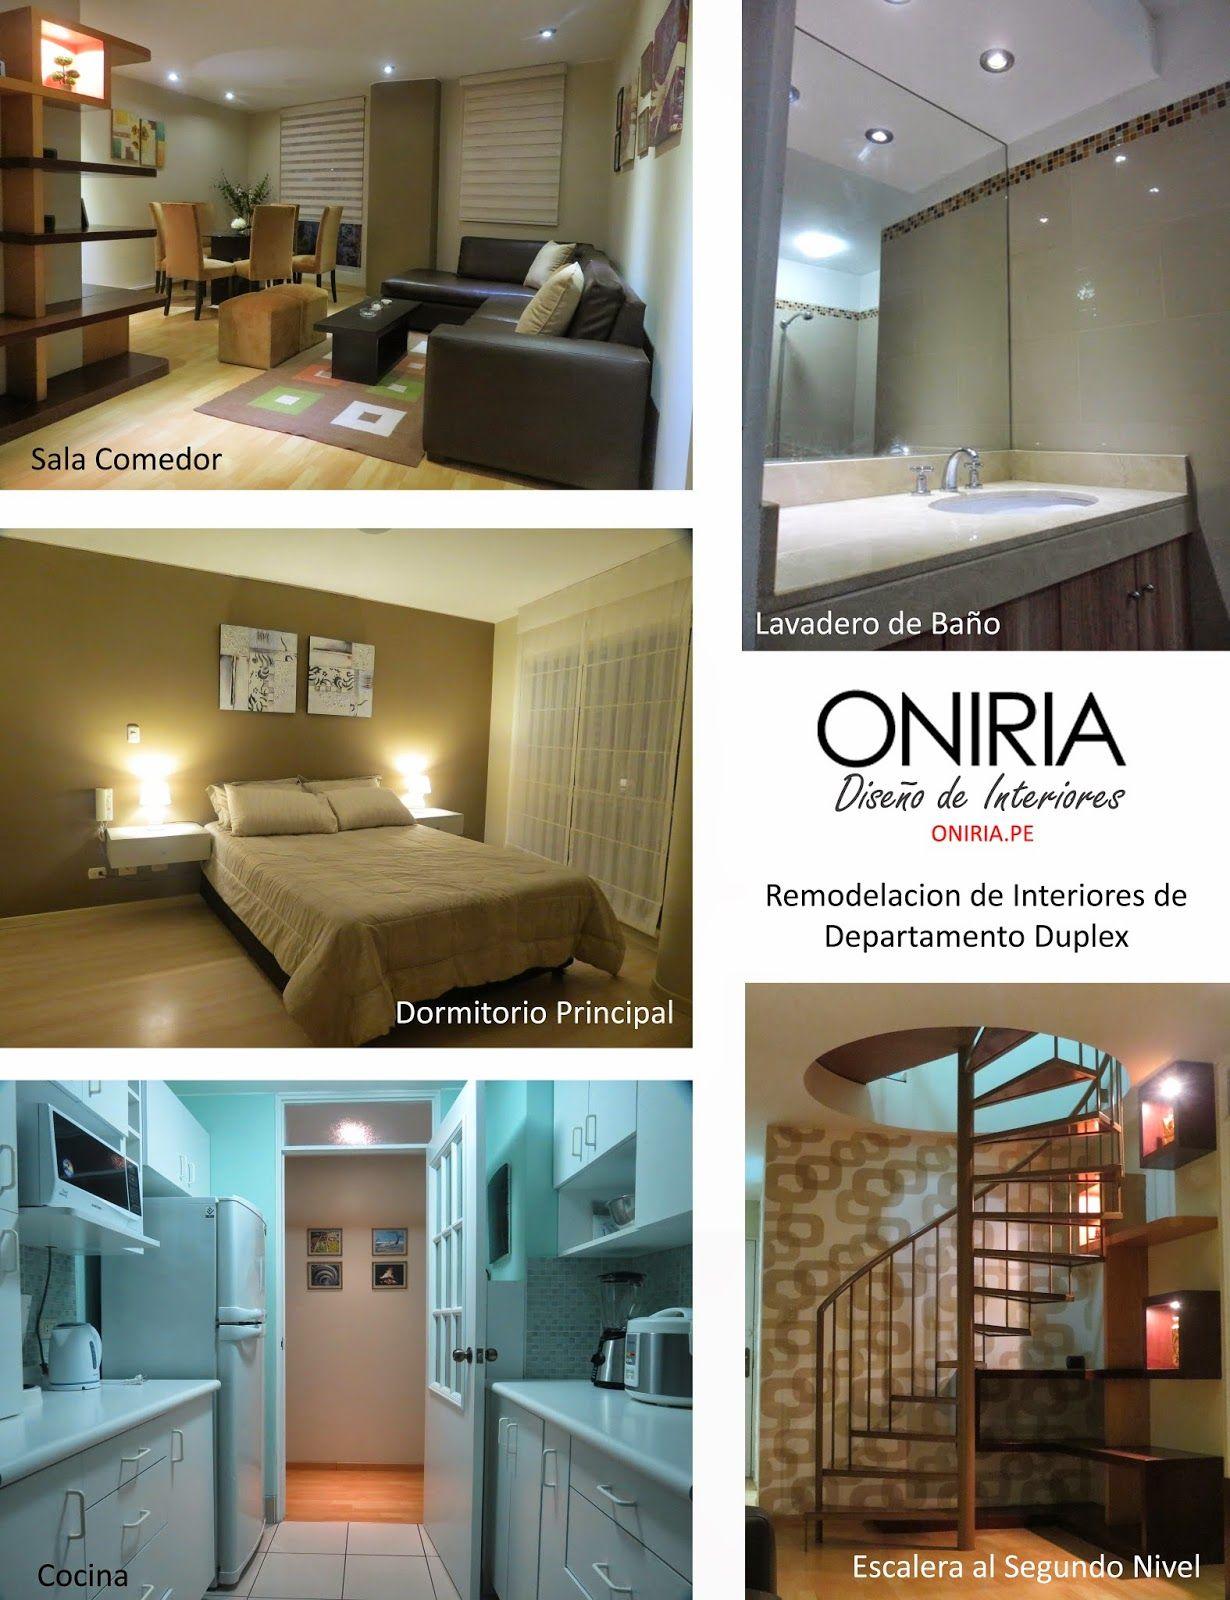 Oniria dise o interior y remodelaci n de departamentos y oniria arquitectura pinterest - Arquitectura en diseno de interiores ...